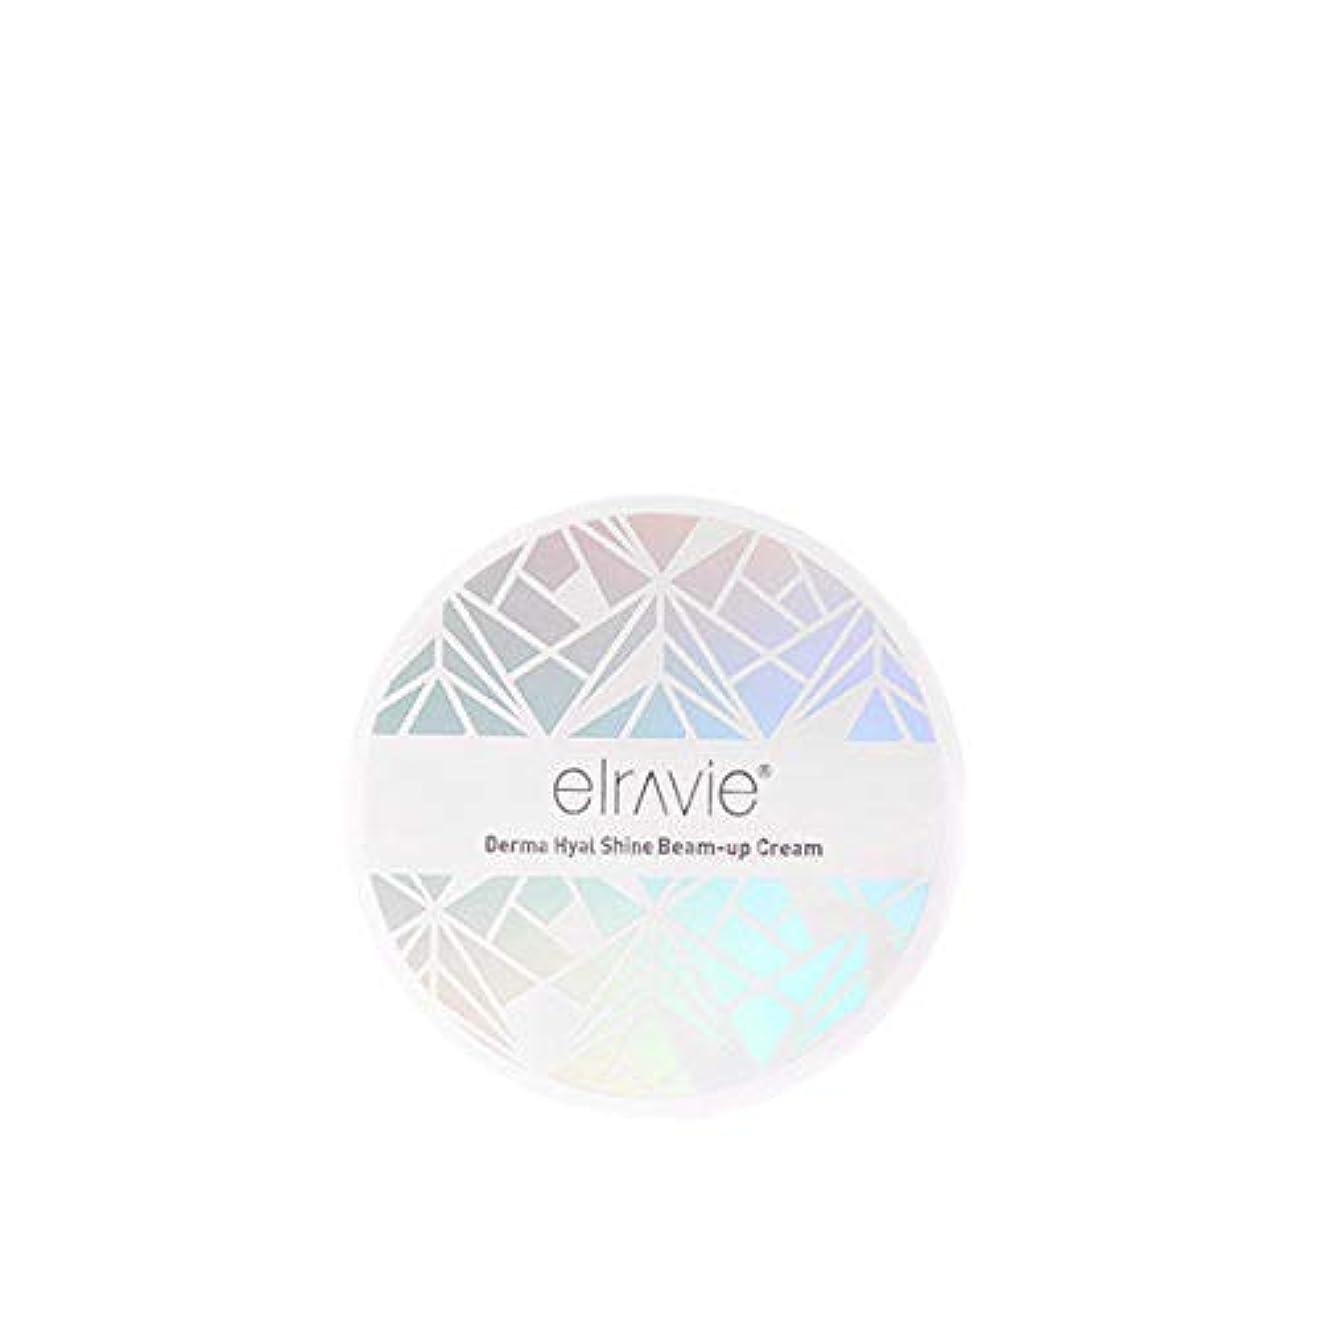 アルネ気を散らすオーディションエラヴィー[Elravie] ダーマヒアルロン酸 輝くビームアップクリーム15g / Derma Hyal Shine Beam-up Cream